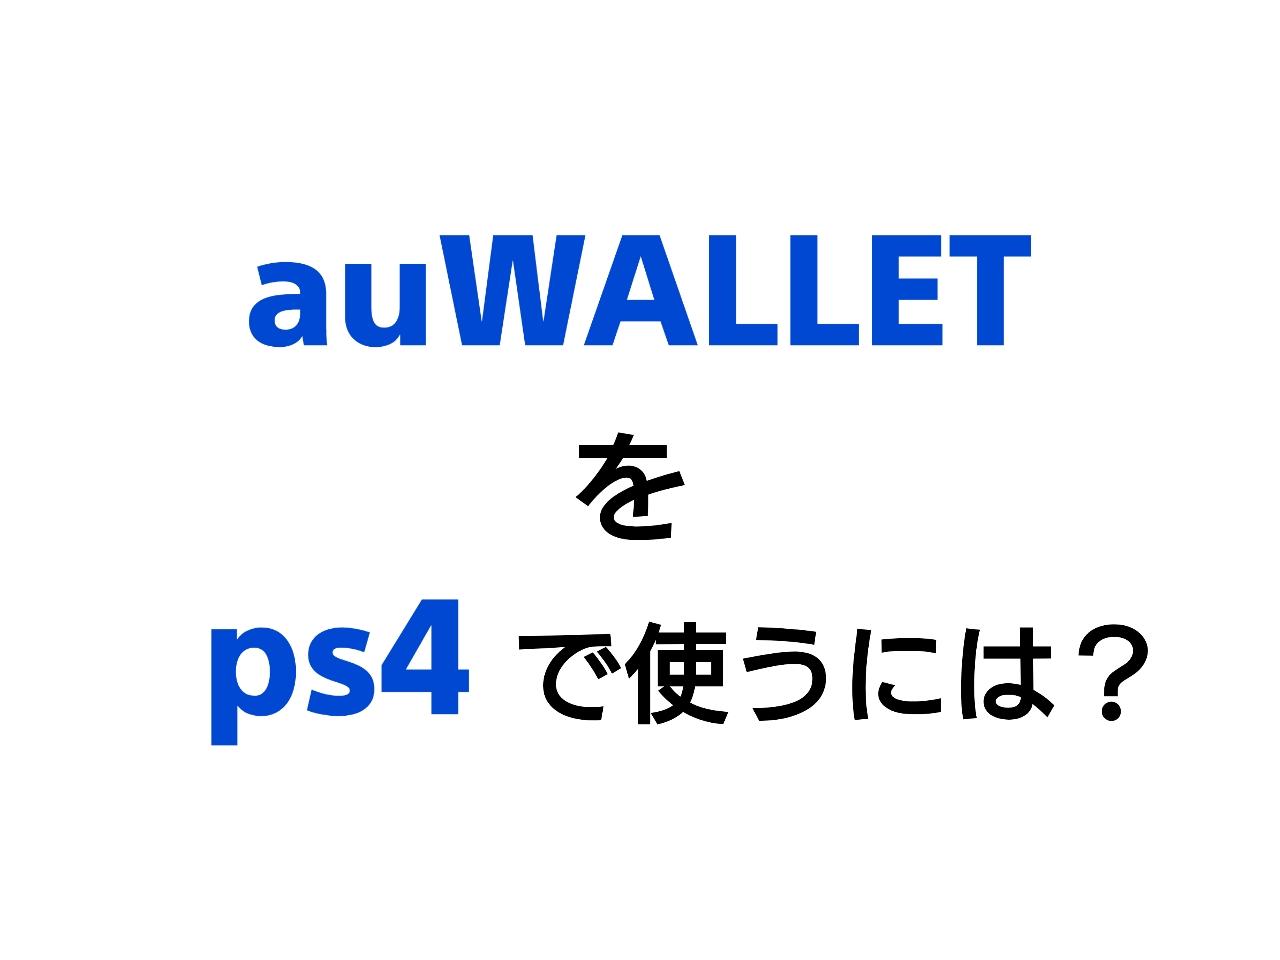 auwallet